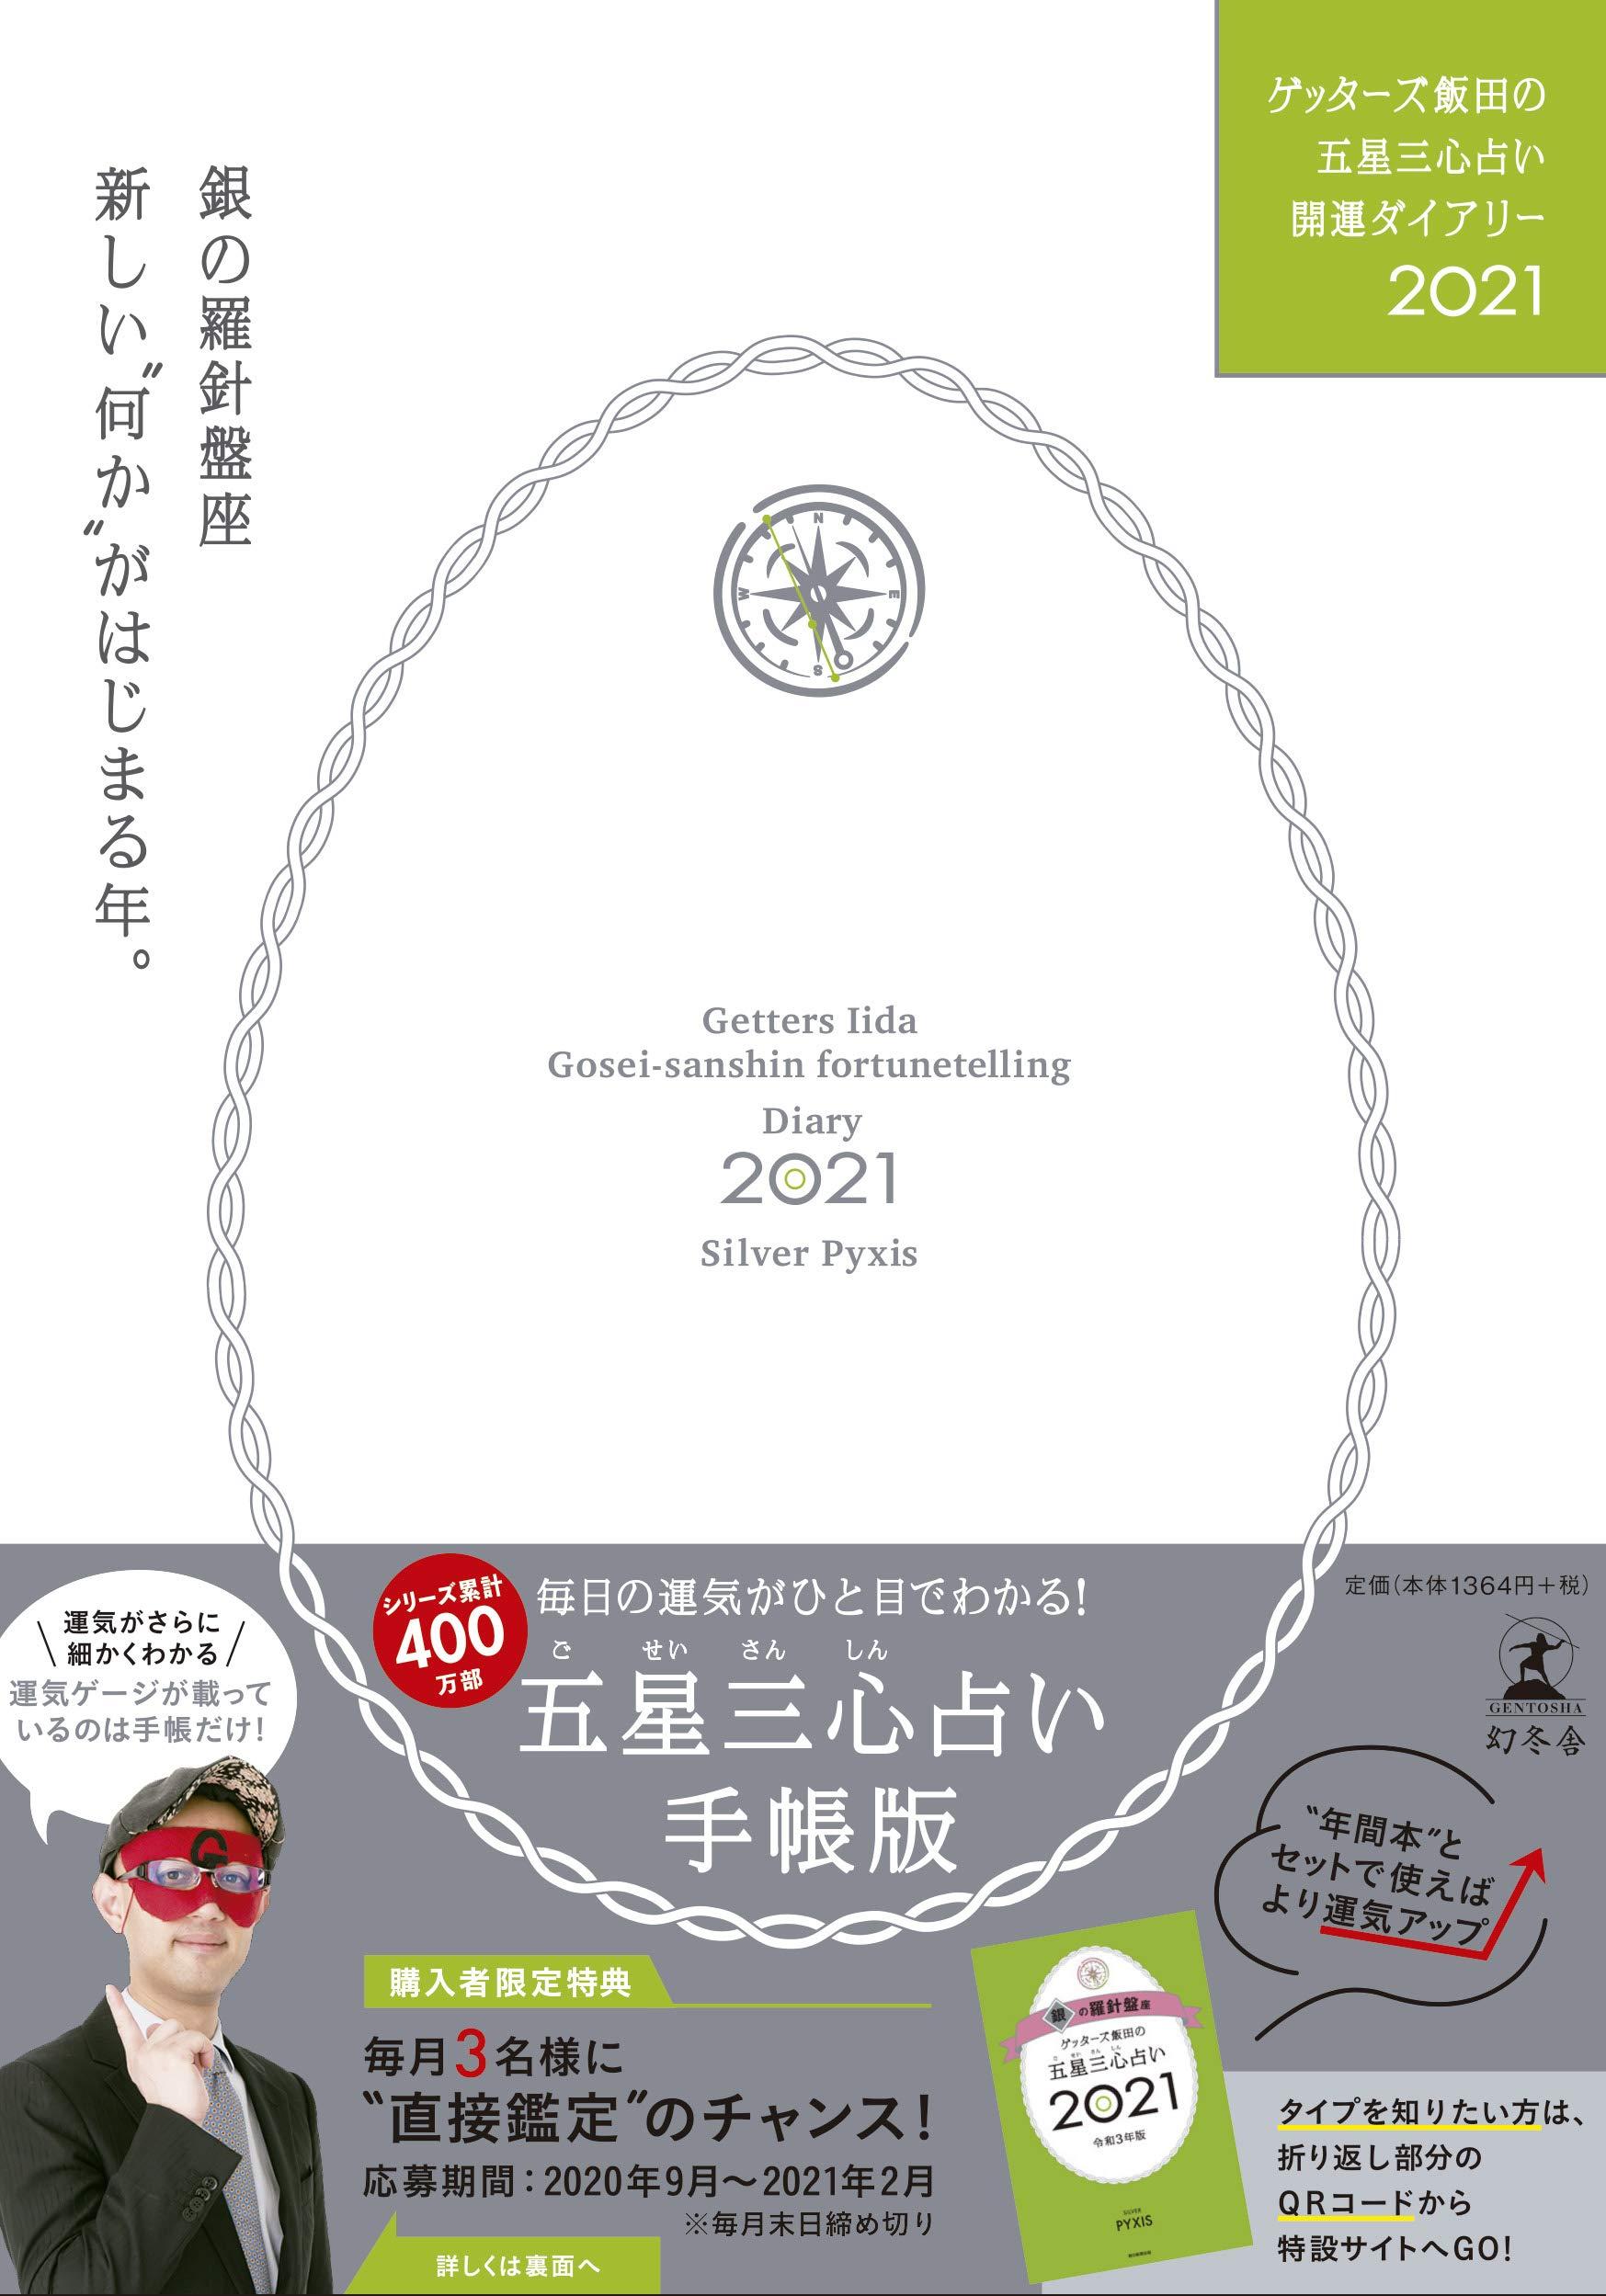 仕事 銀の羅針盤 2020